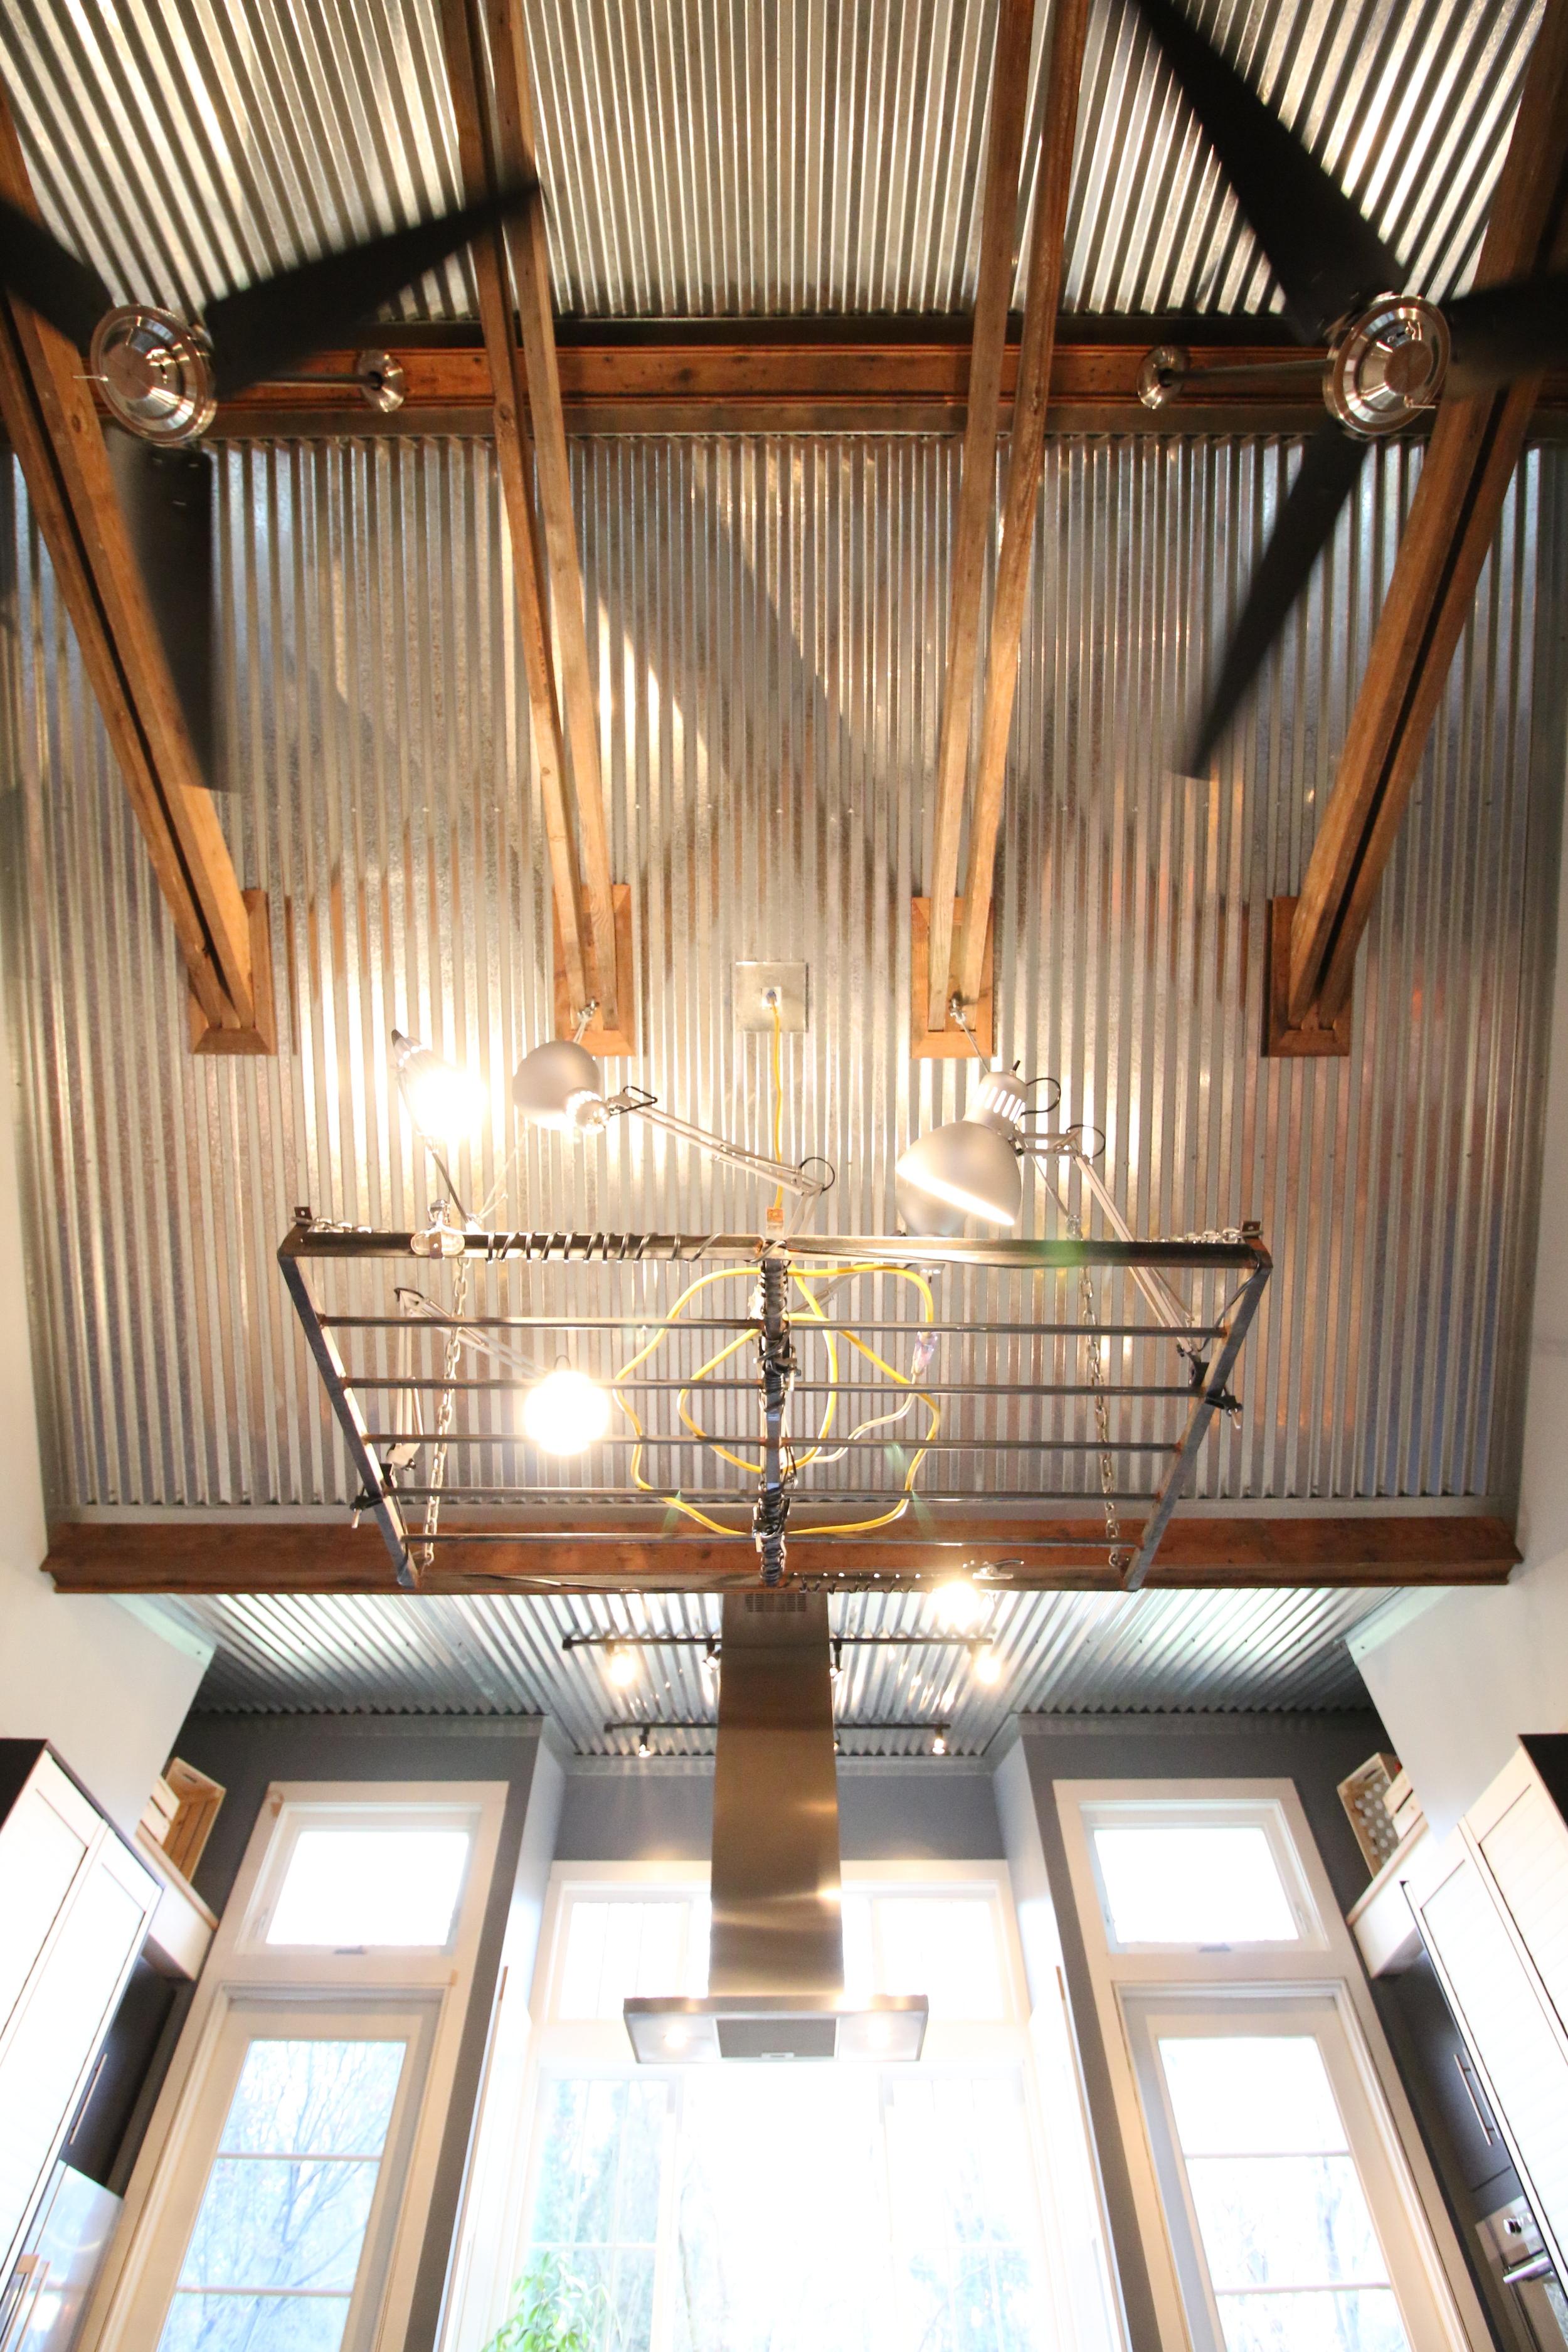 hb-beams-and-ceilings_01.JPG